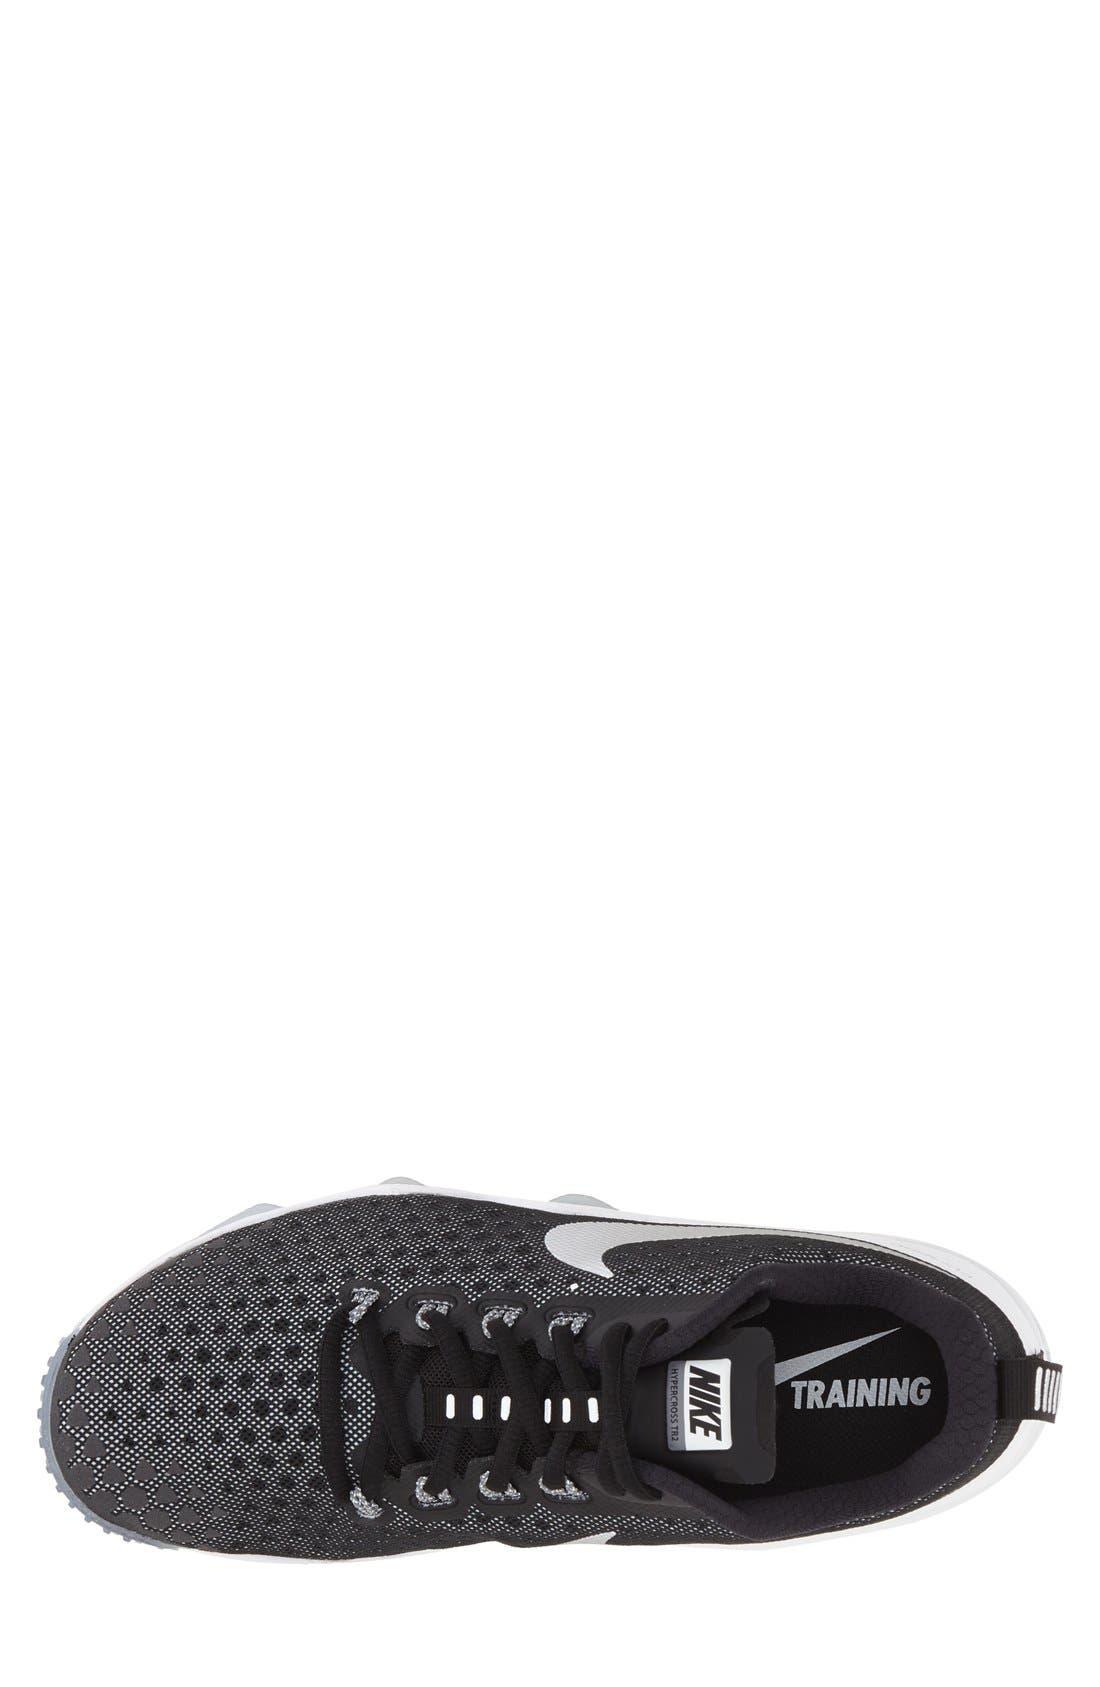 'Zoom Hypercross TR2' Training Shoe,                             Alternate thumbnail 3, color,                             001